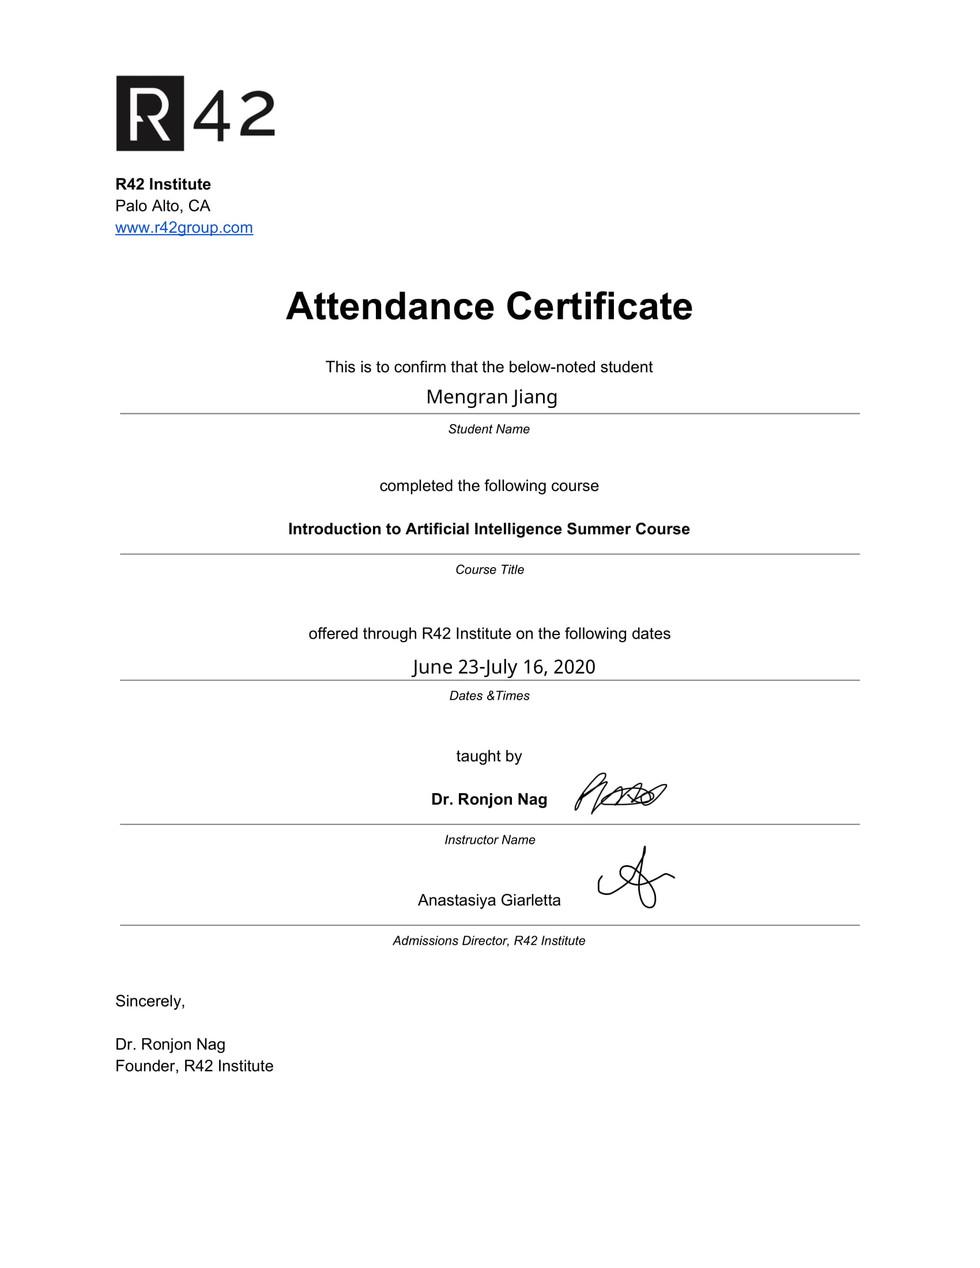 R42 - Institute AI Course Certificate